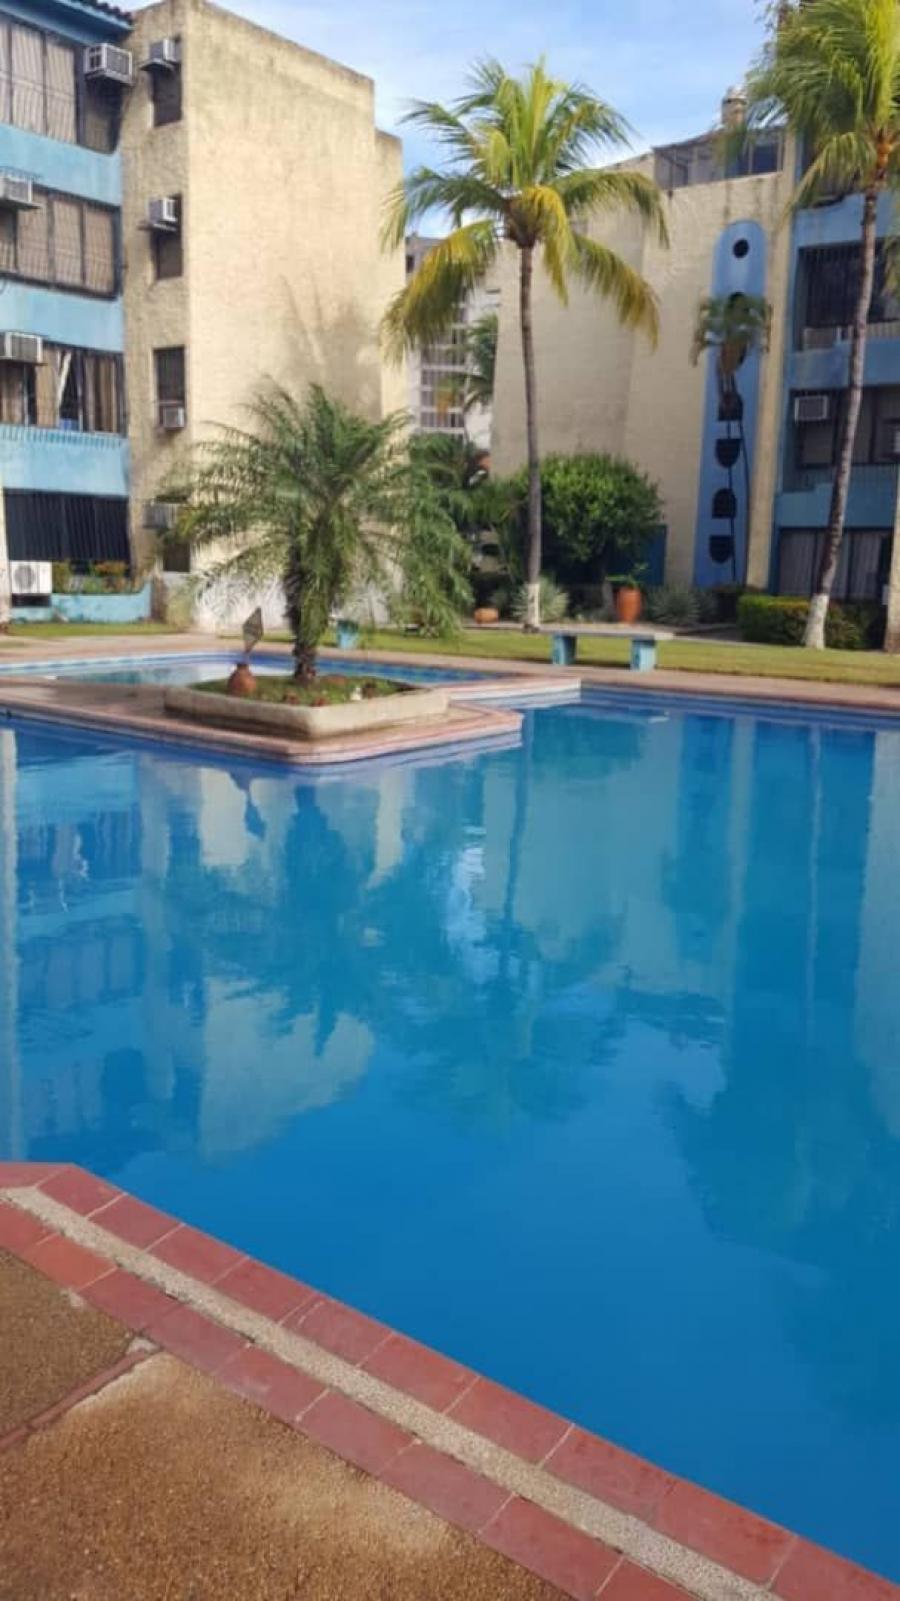 Foto Apartamento en Venta en MANEIRO, Pampatar, Nueva Esparta - BsF 18.000 - APV124034 - BienesOnLine